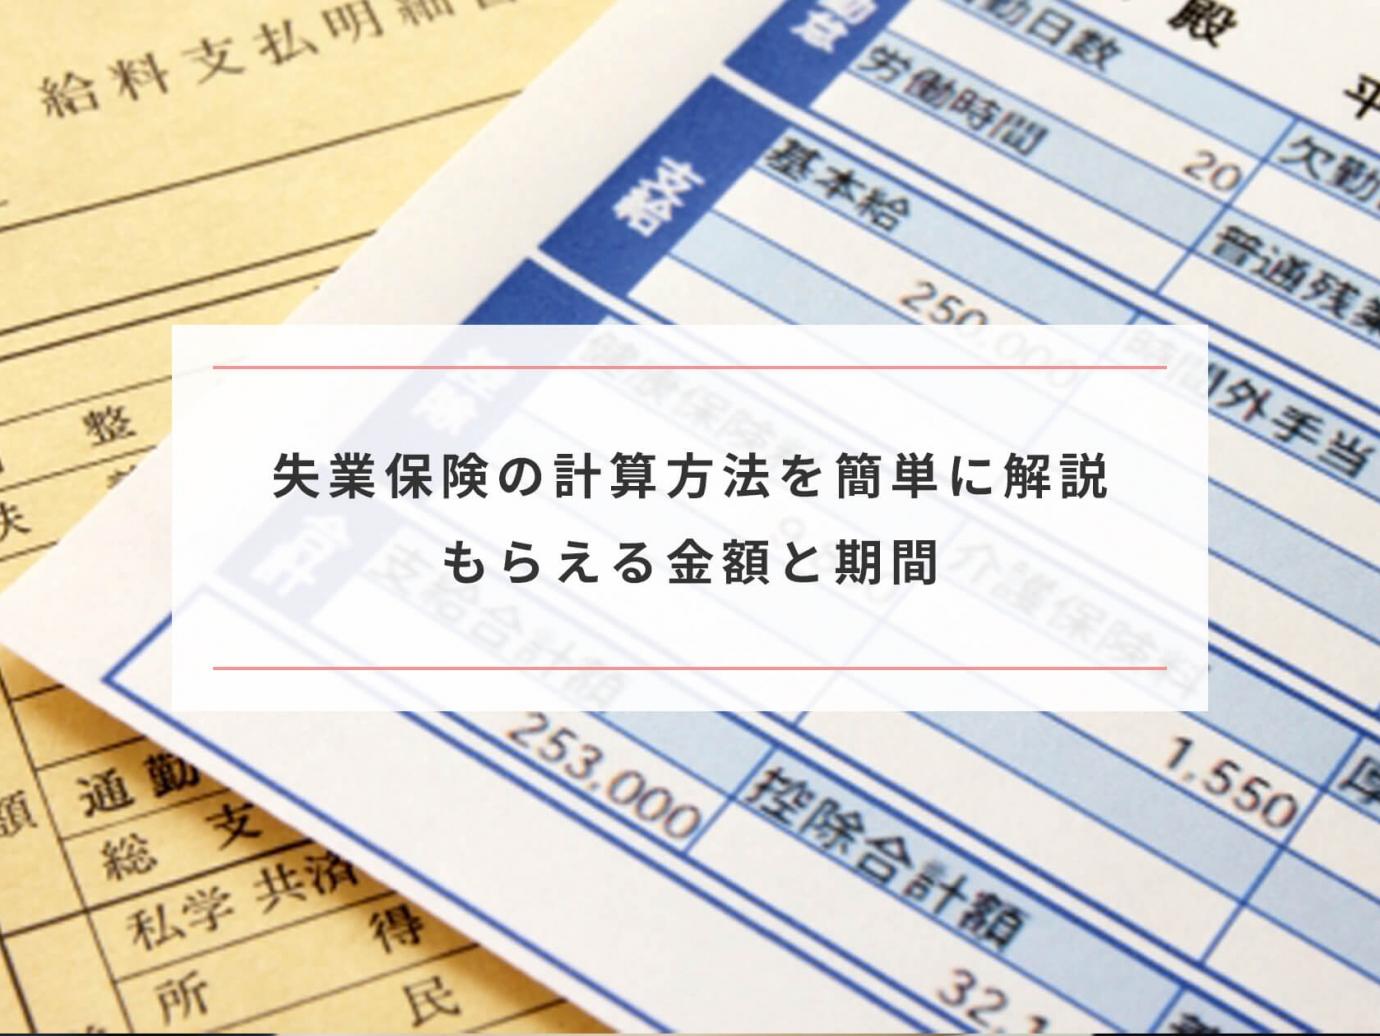 給付 率 保険 失業 失業保険の受給資格が認められる要件とは|給付金額と受給の際の注意点